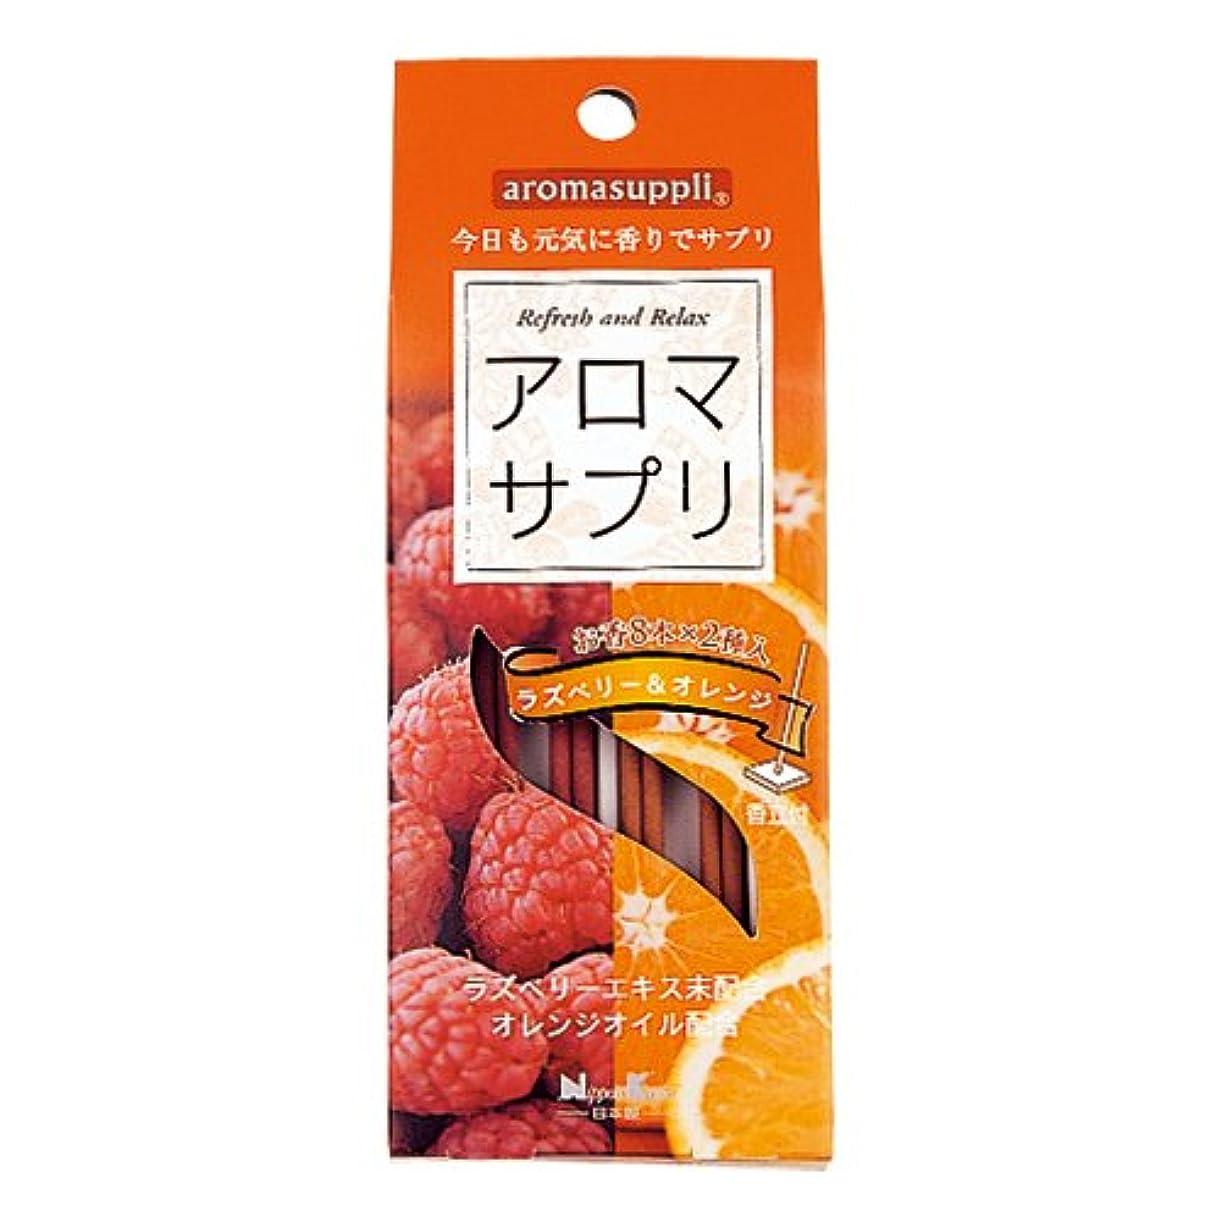 瞬時にコットン豆腐【X10個セット】 アロマサプリ ラズベリー&オレンジ 8本入×2種